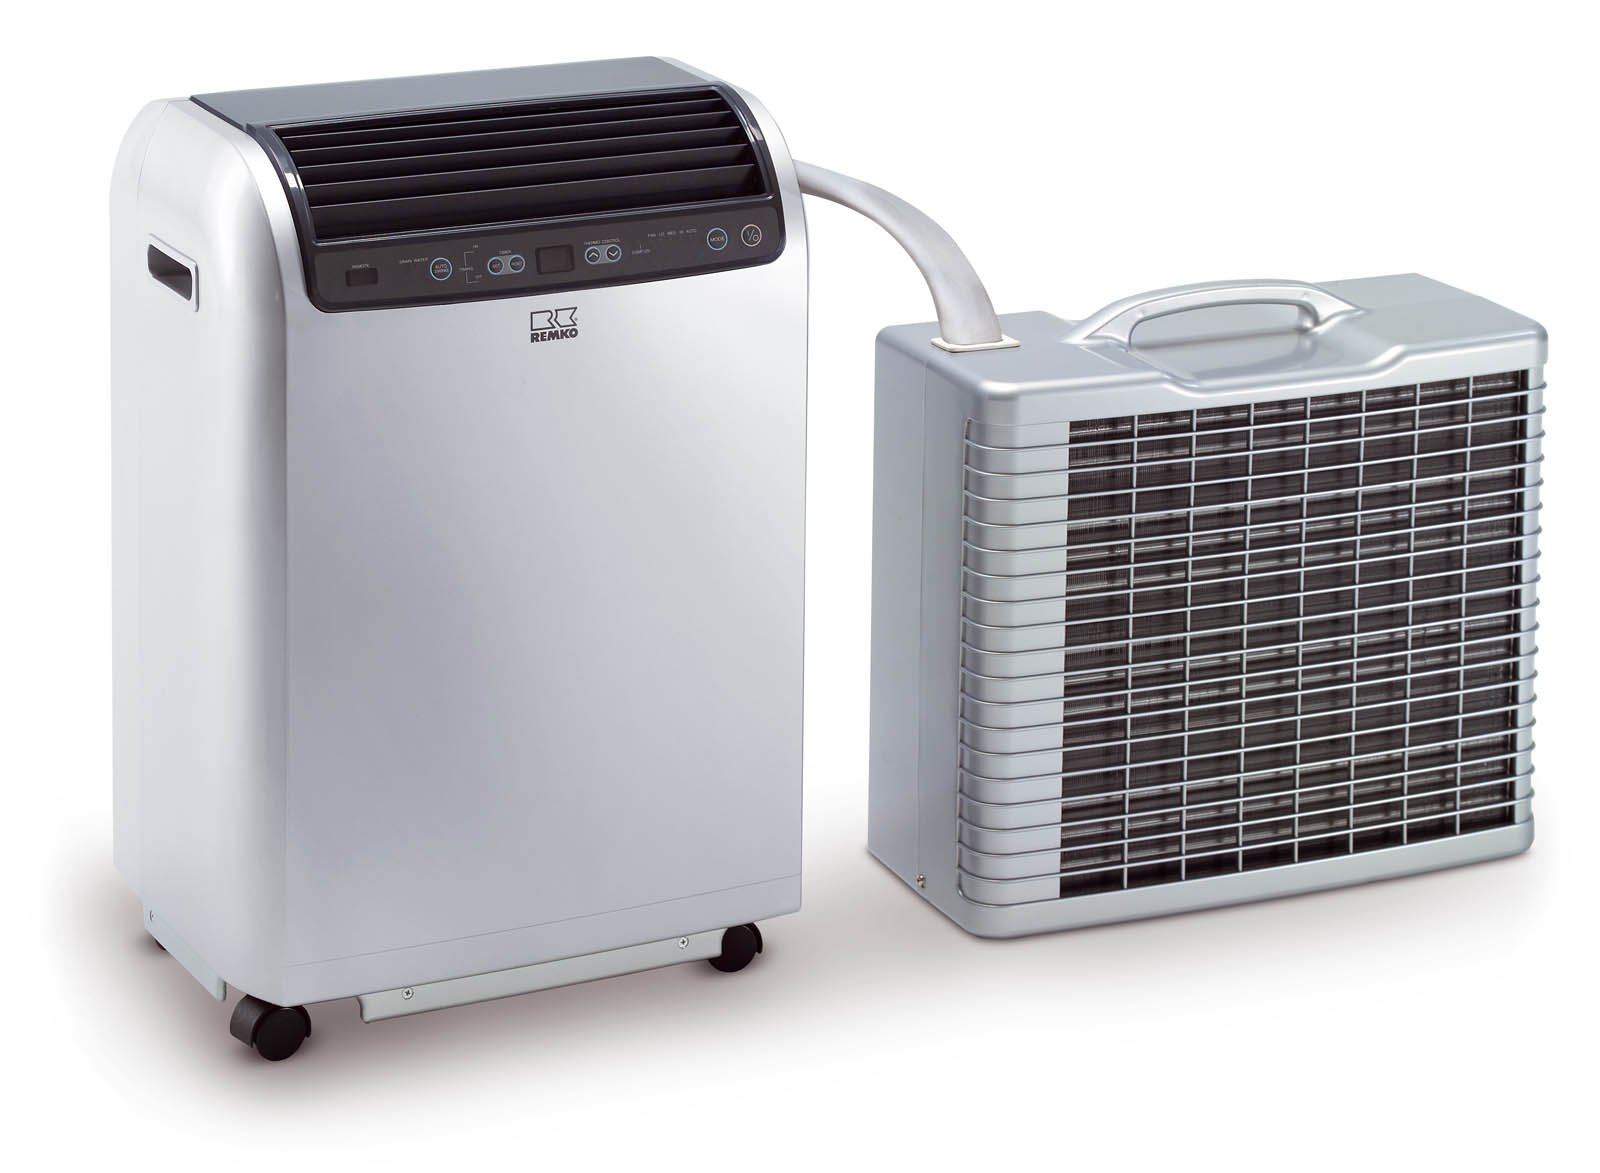 Remko RKL 491 DC Split 2068507 Climatisation pour Pièce de 120 m puissance de refroidissement 4,3 kW Blanc product image